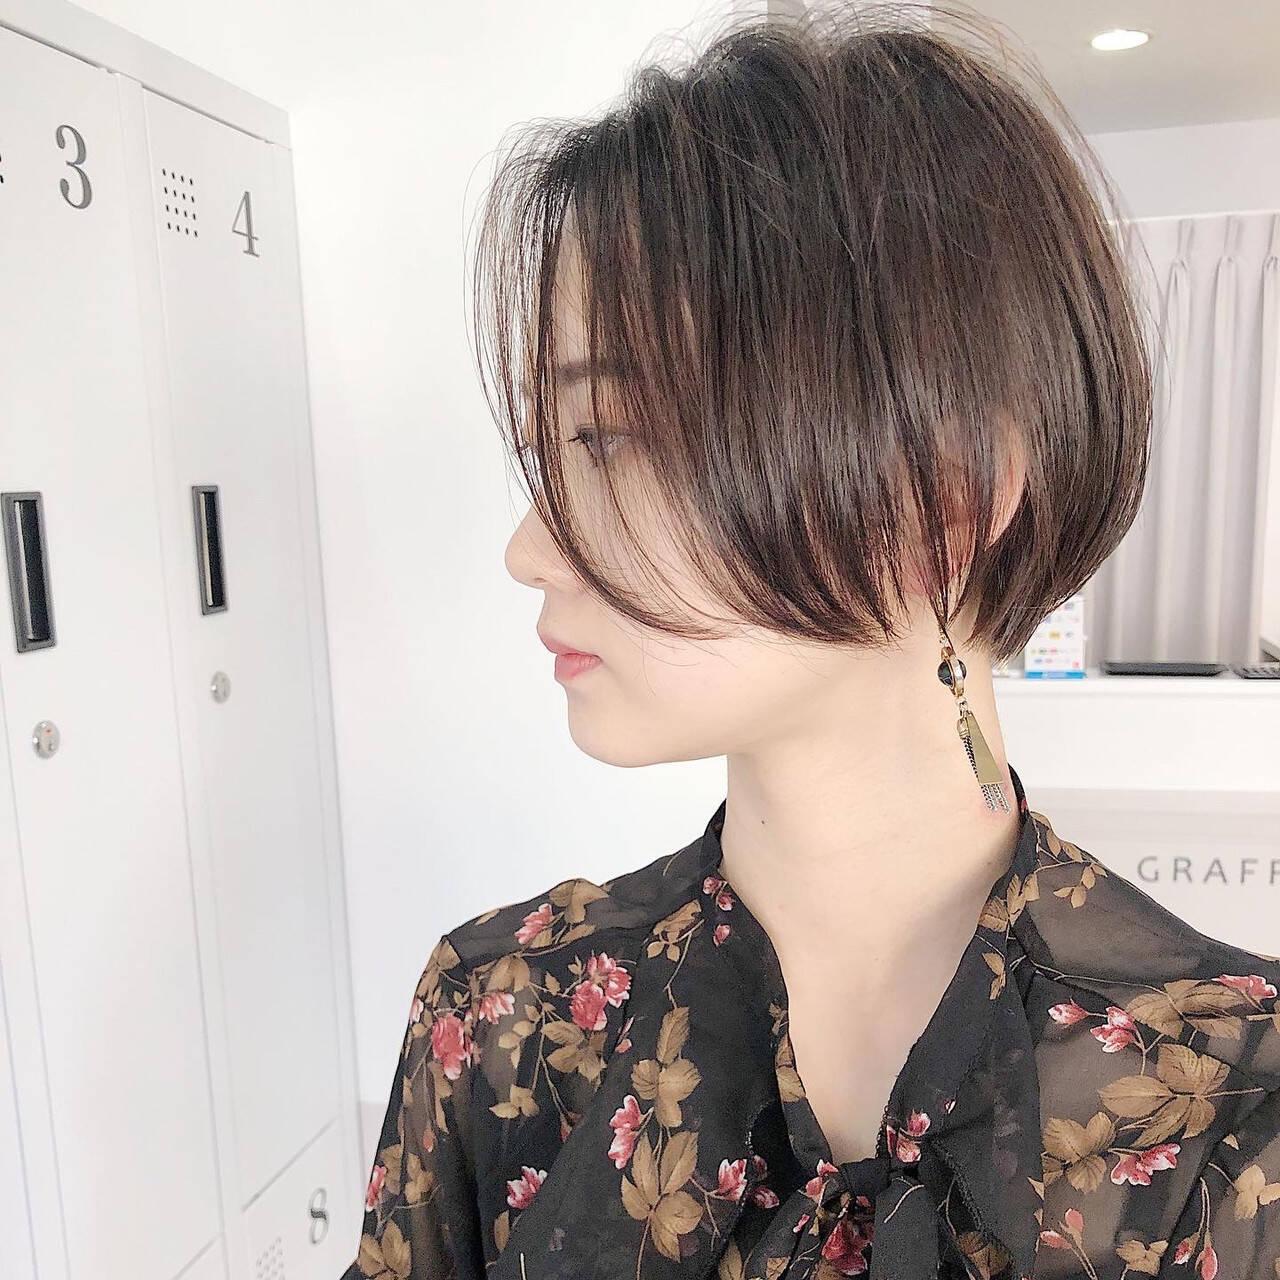 縮毛矯正 ストレート ナチュラル ショートボブヘアスタイルや髪型の写真・画像